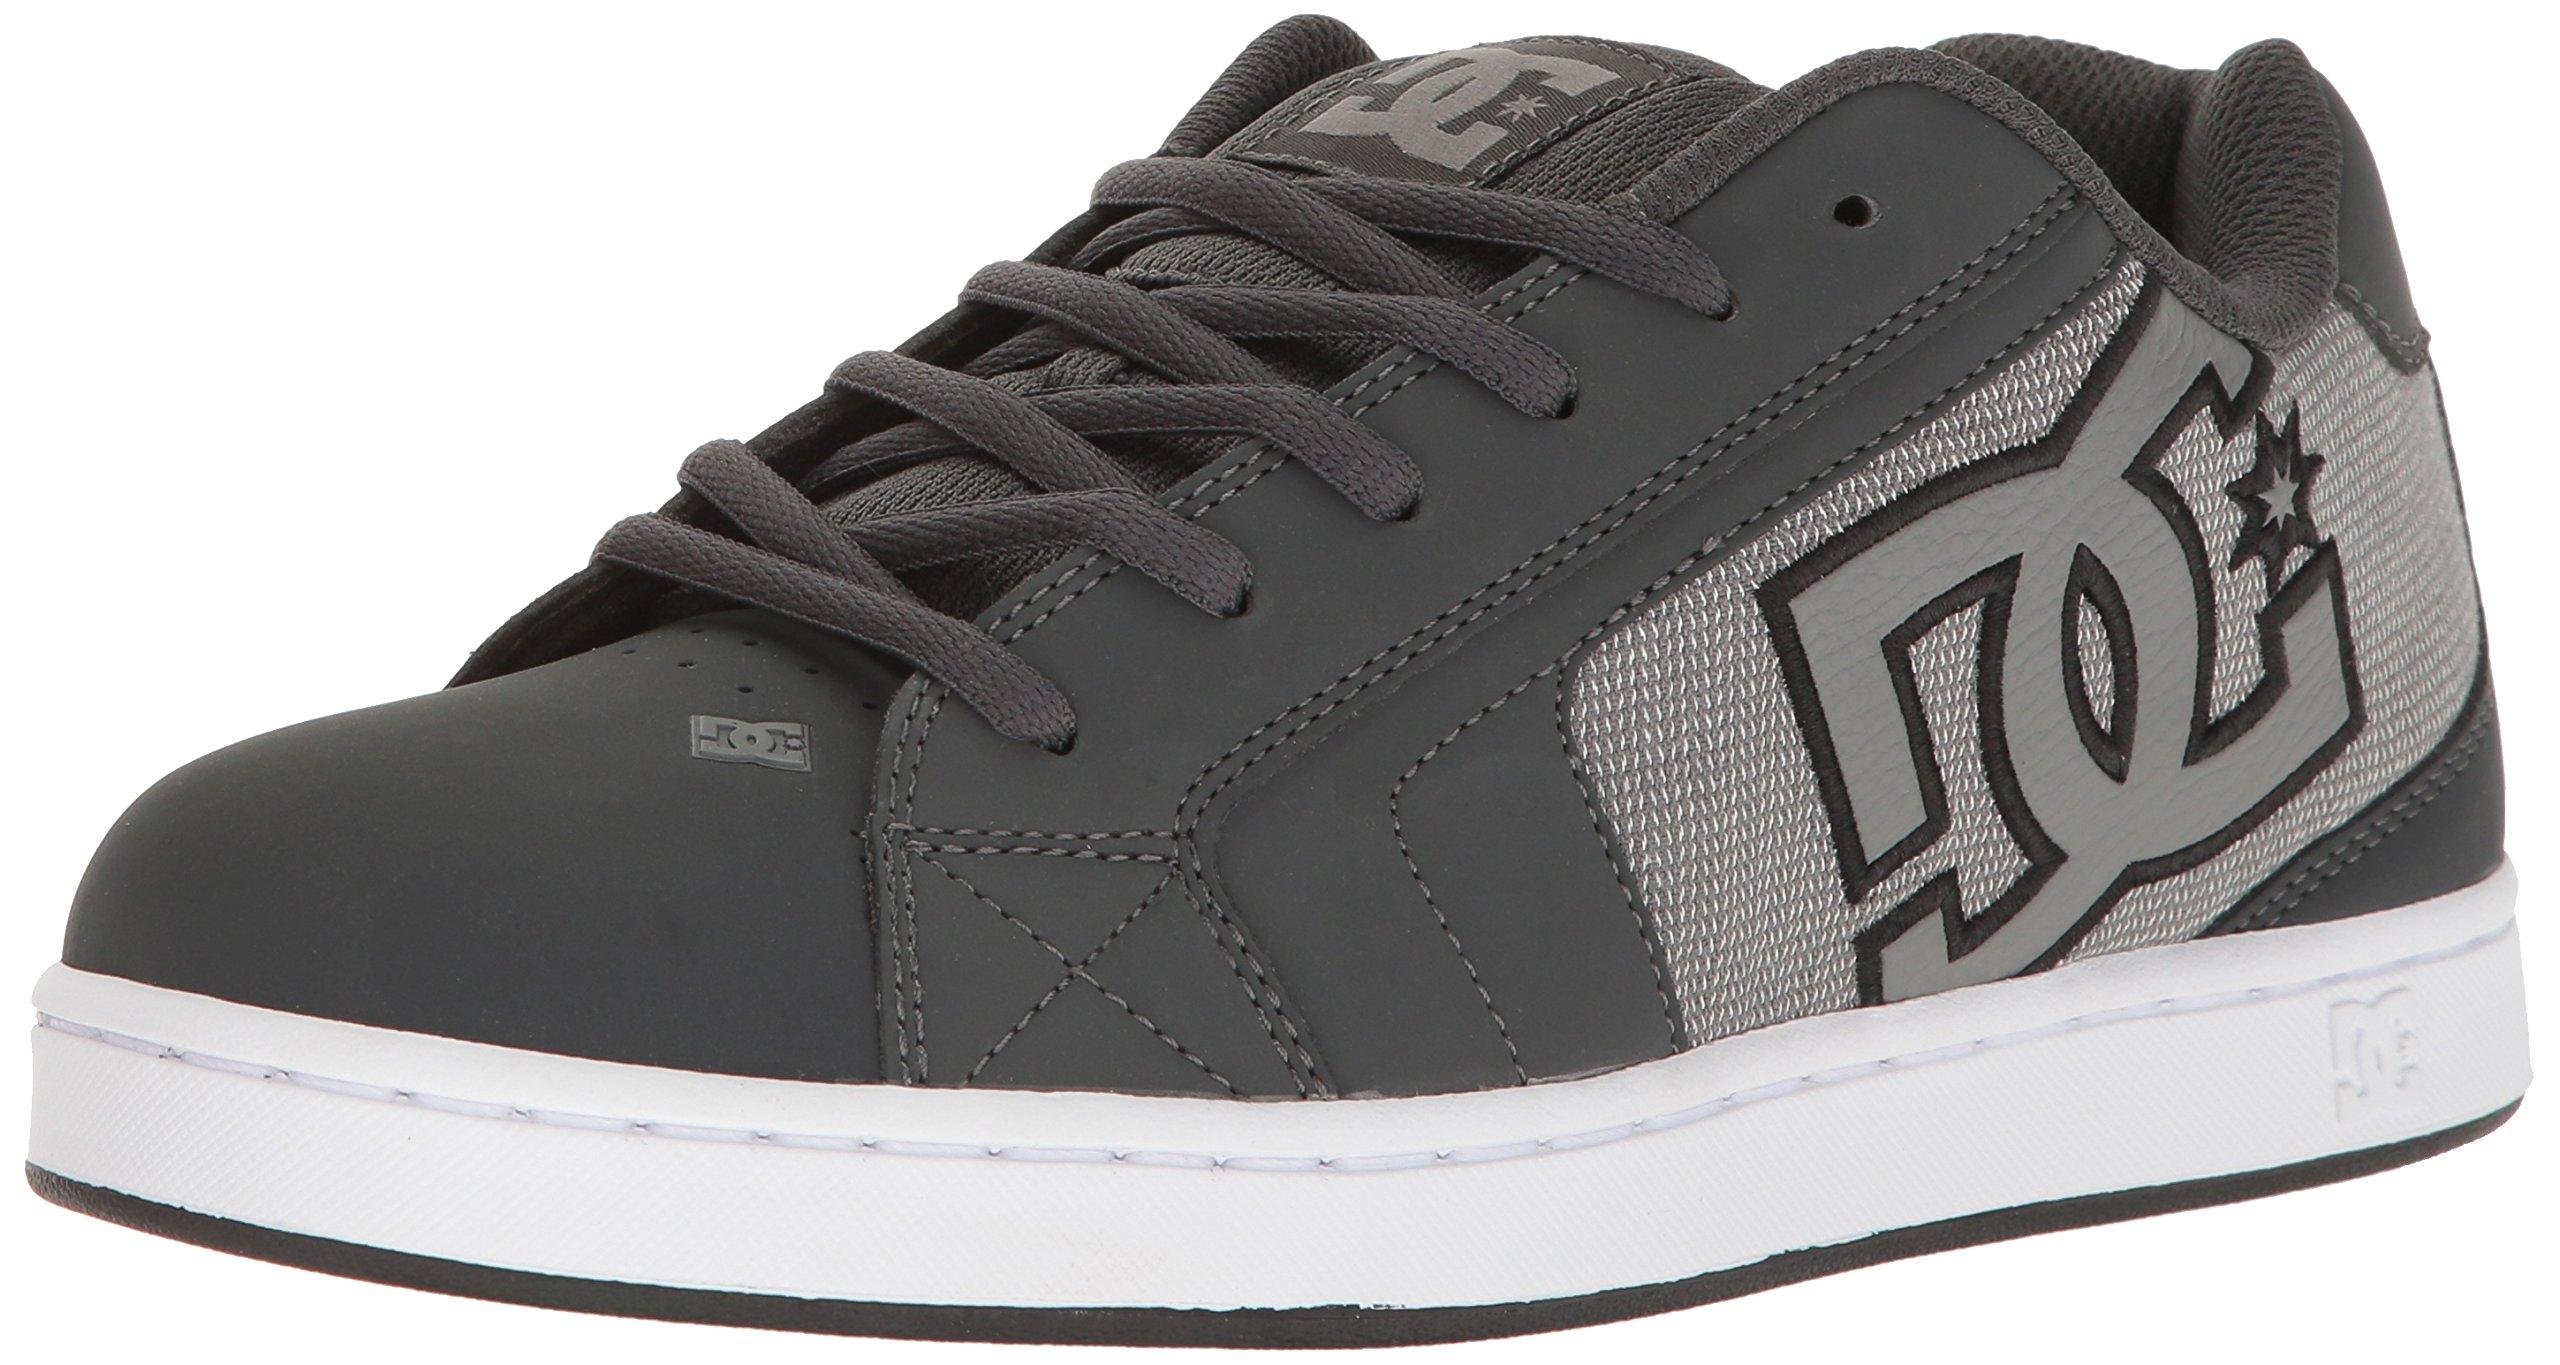 30aa494087 Best Rated in Skateboarding Footwear   Helpful Customer Reviews ...